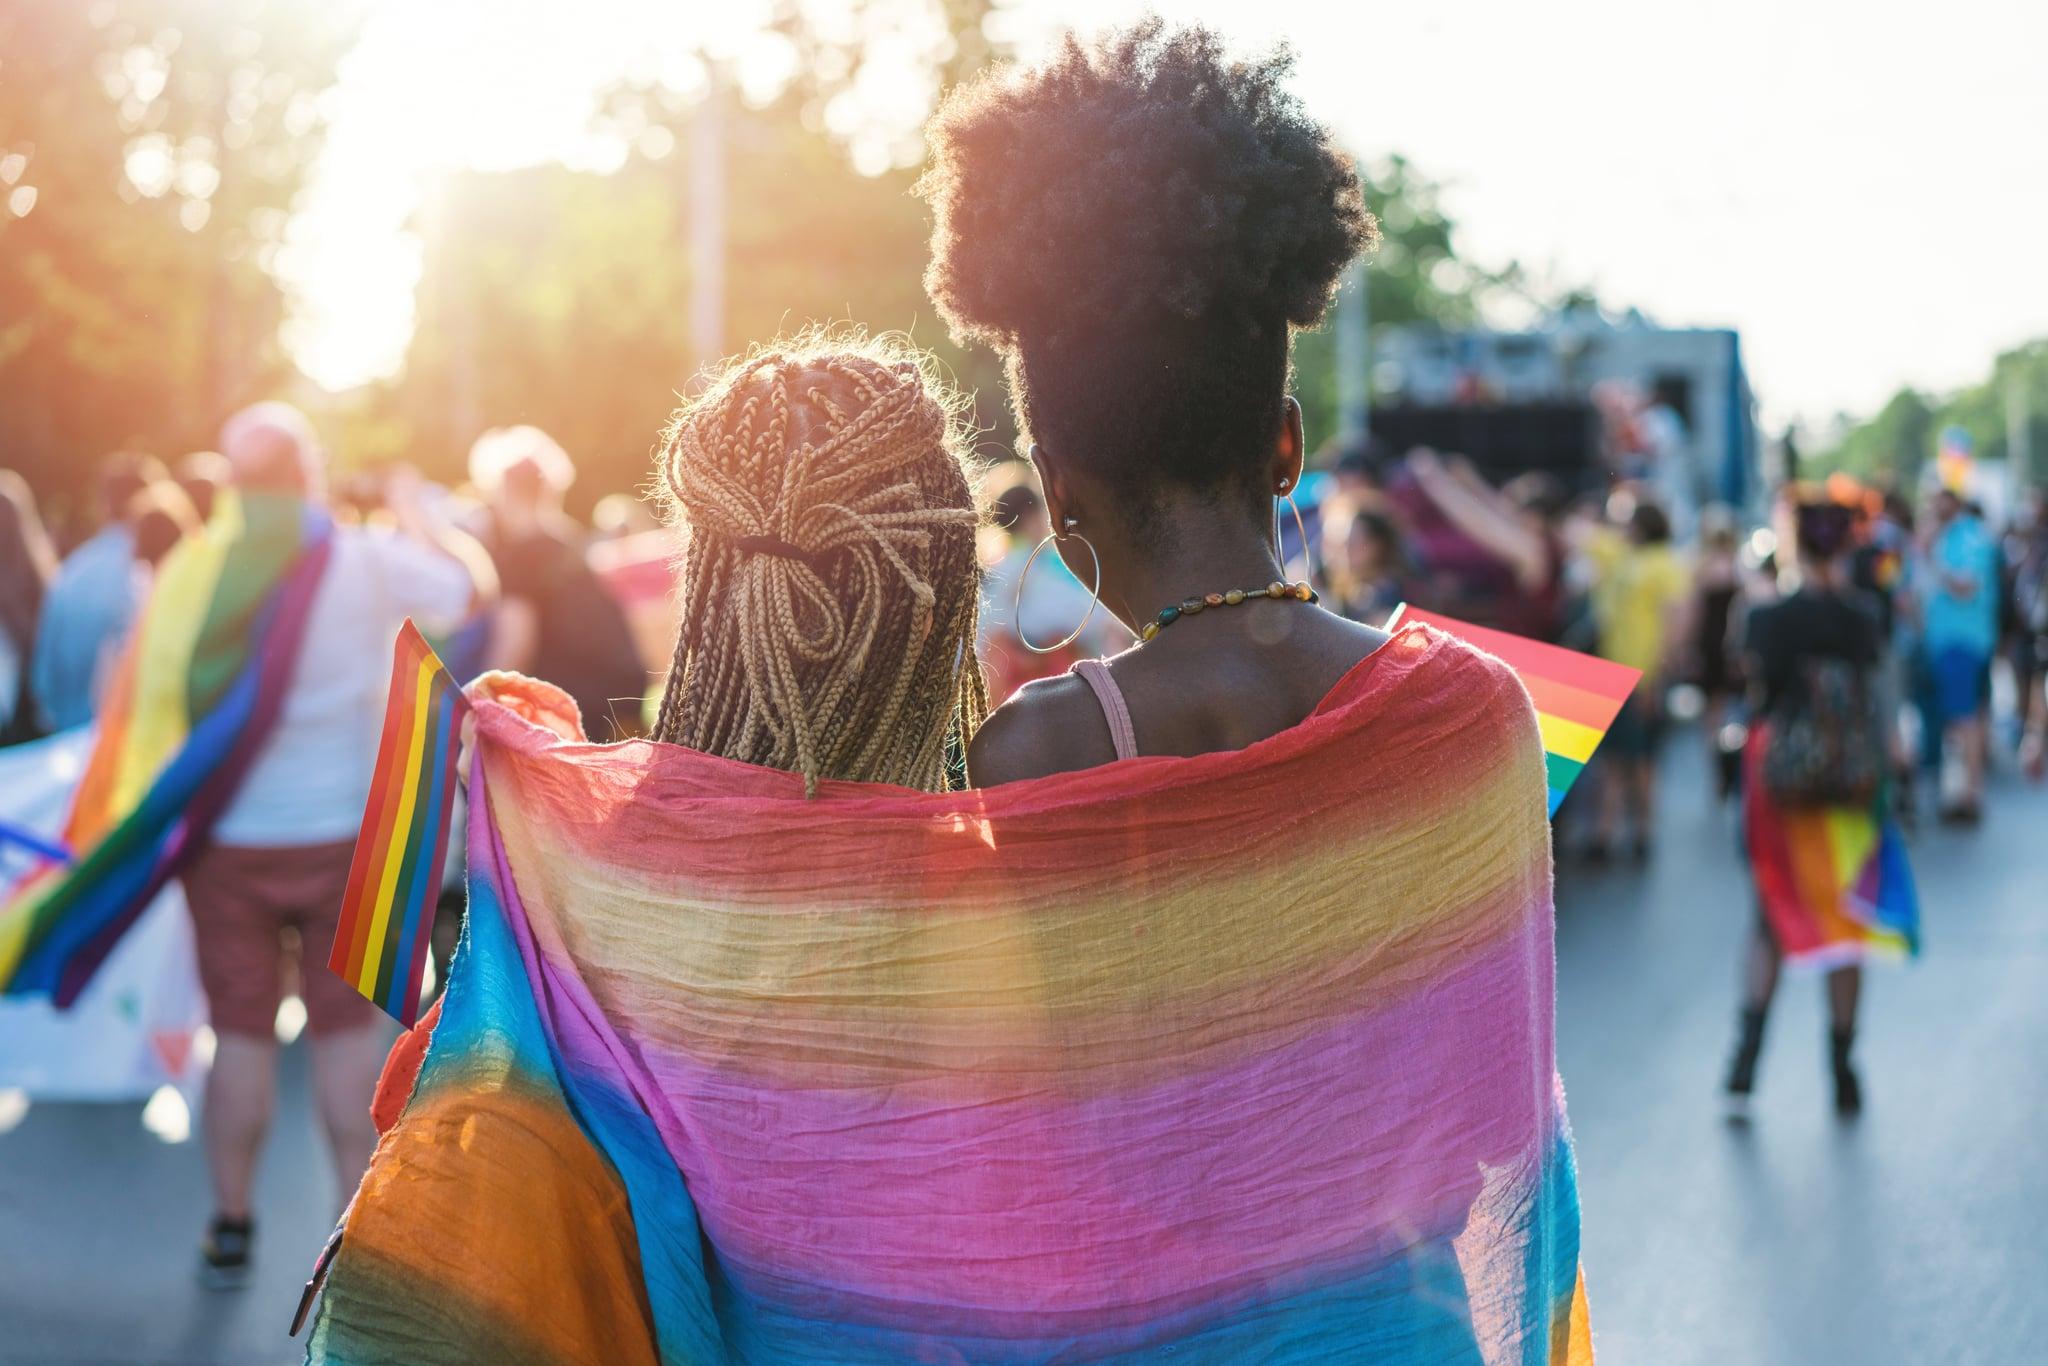 mese del Pride - neomag.